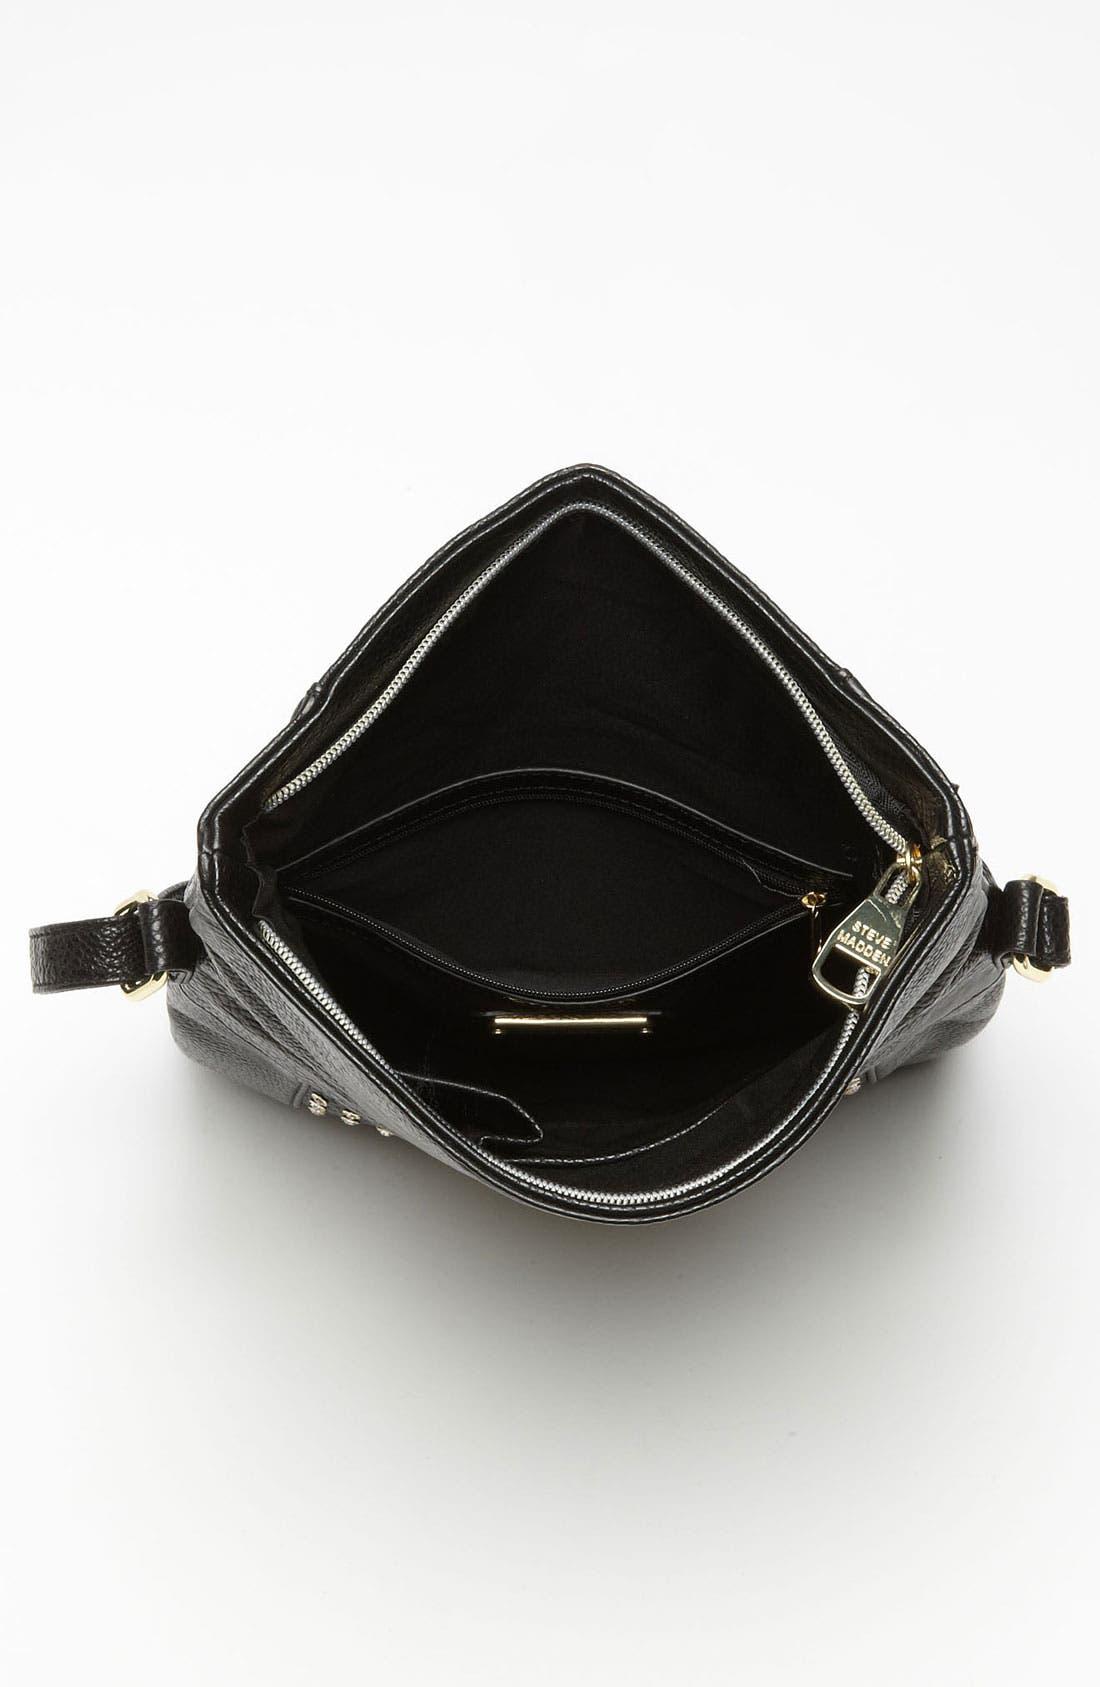 Alternate Image 3  - Steve Madden 'Stud Love' Foldover Crossbody Bag